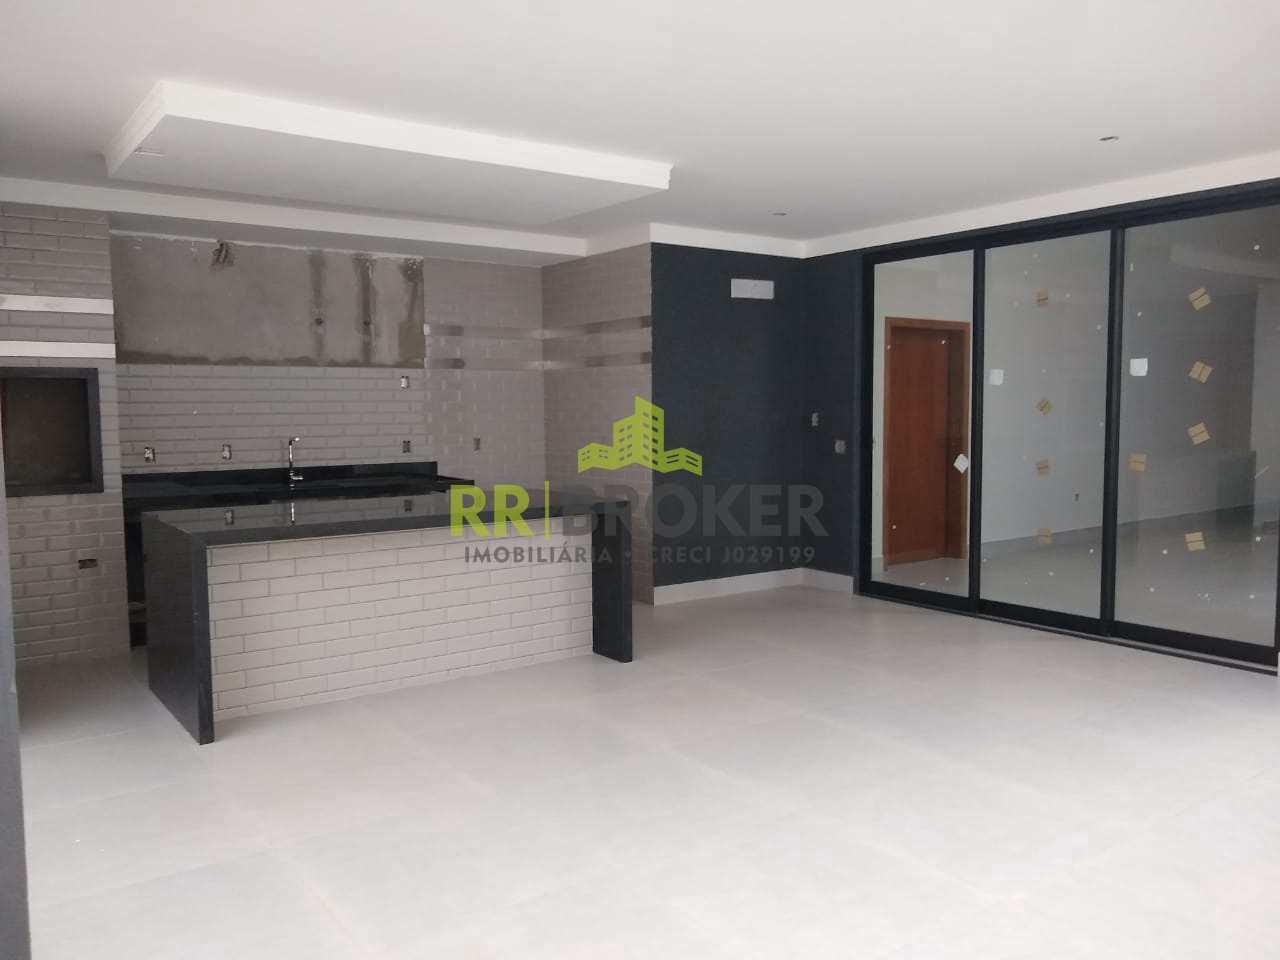 Casa de condomínio Quinta do Lago 3 suítes R$980 mil cód. 706